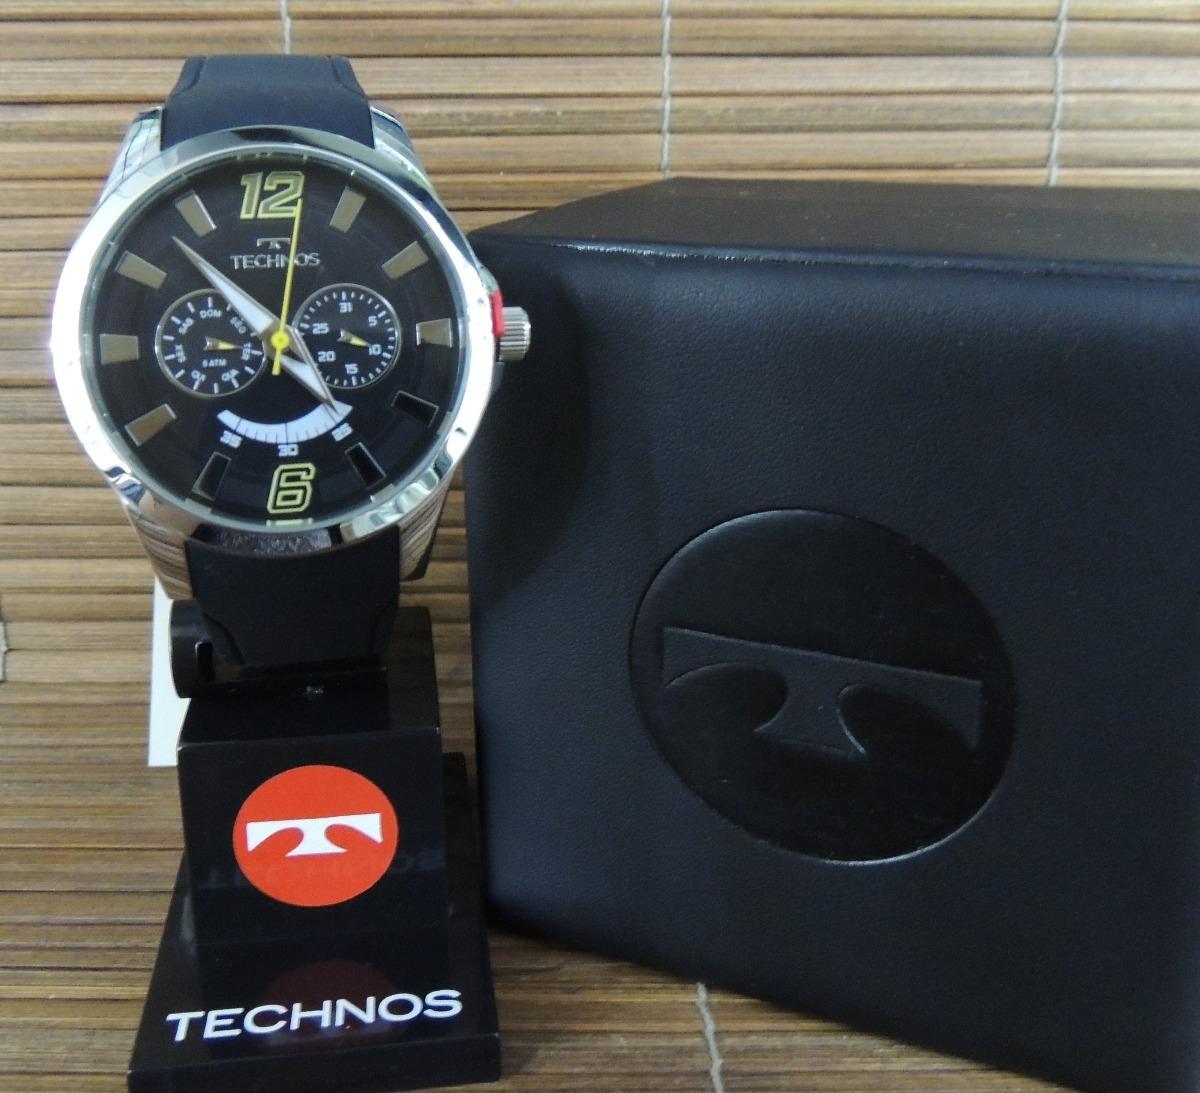 7b344dcad3162 relógio technos multifunção 6p25al 8y performance racer - nf. Carregando  zoom.